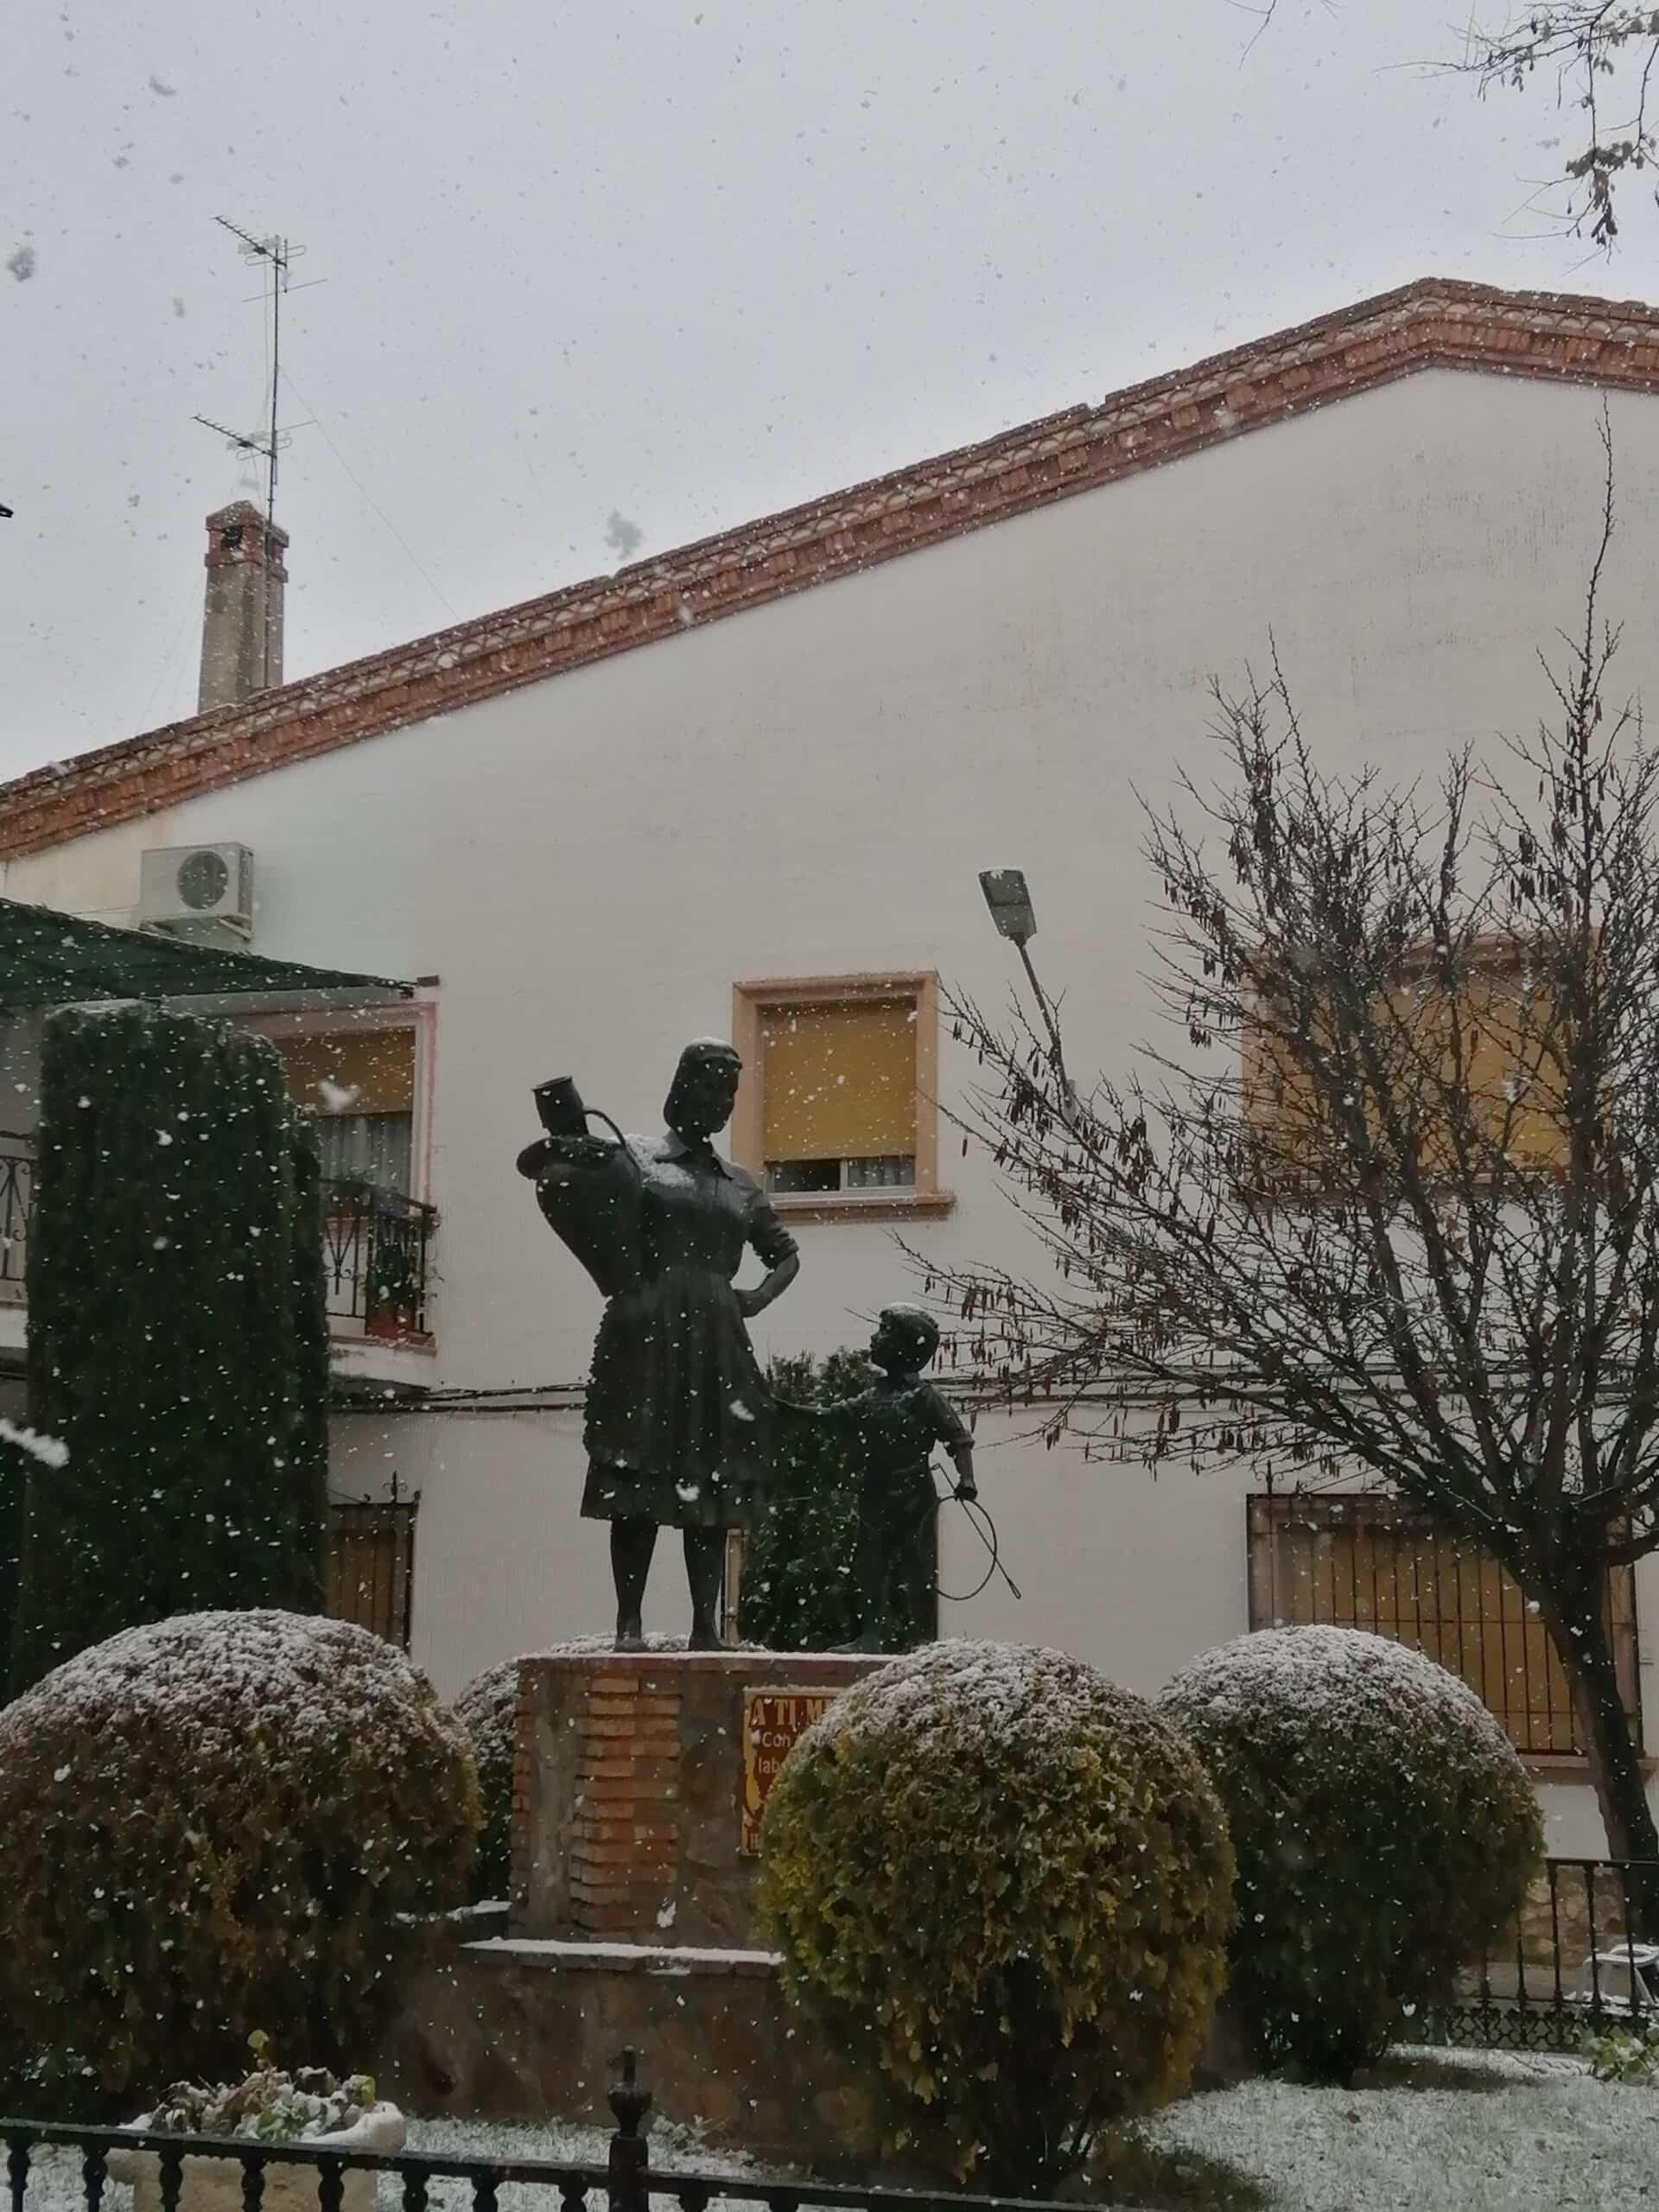 Las nevadas llegan Herencia y a toda Castilla-La Mancha (actualizado) 97